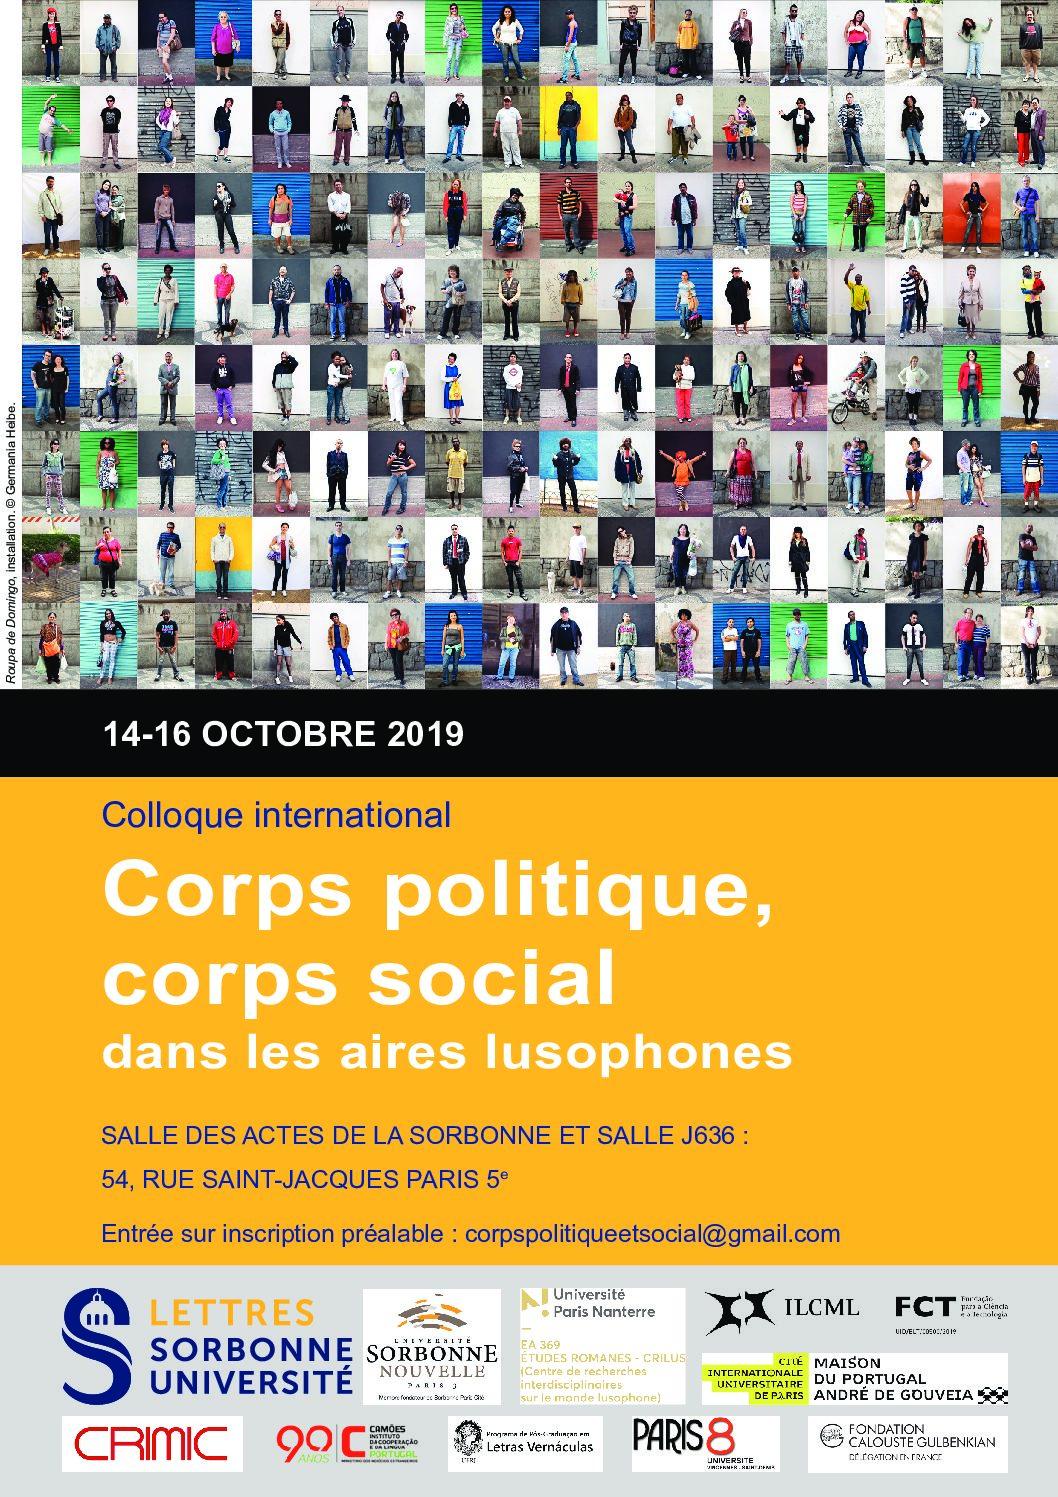 Corps politique, corps social dans les aires lusophones